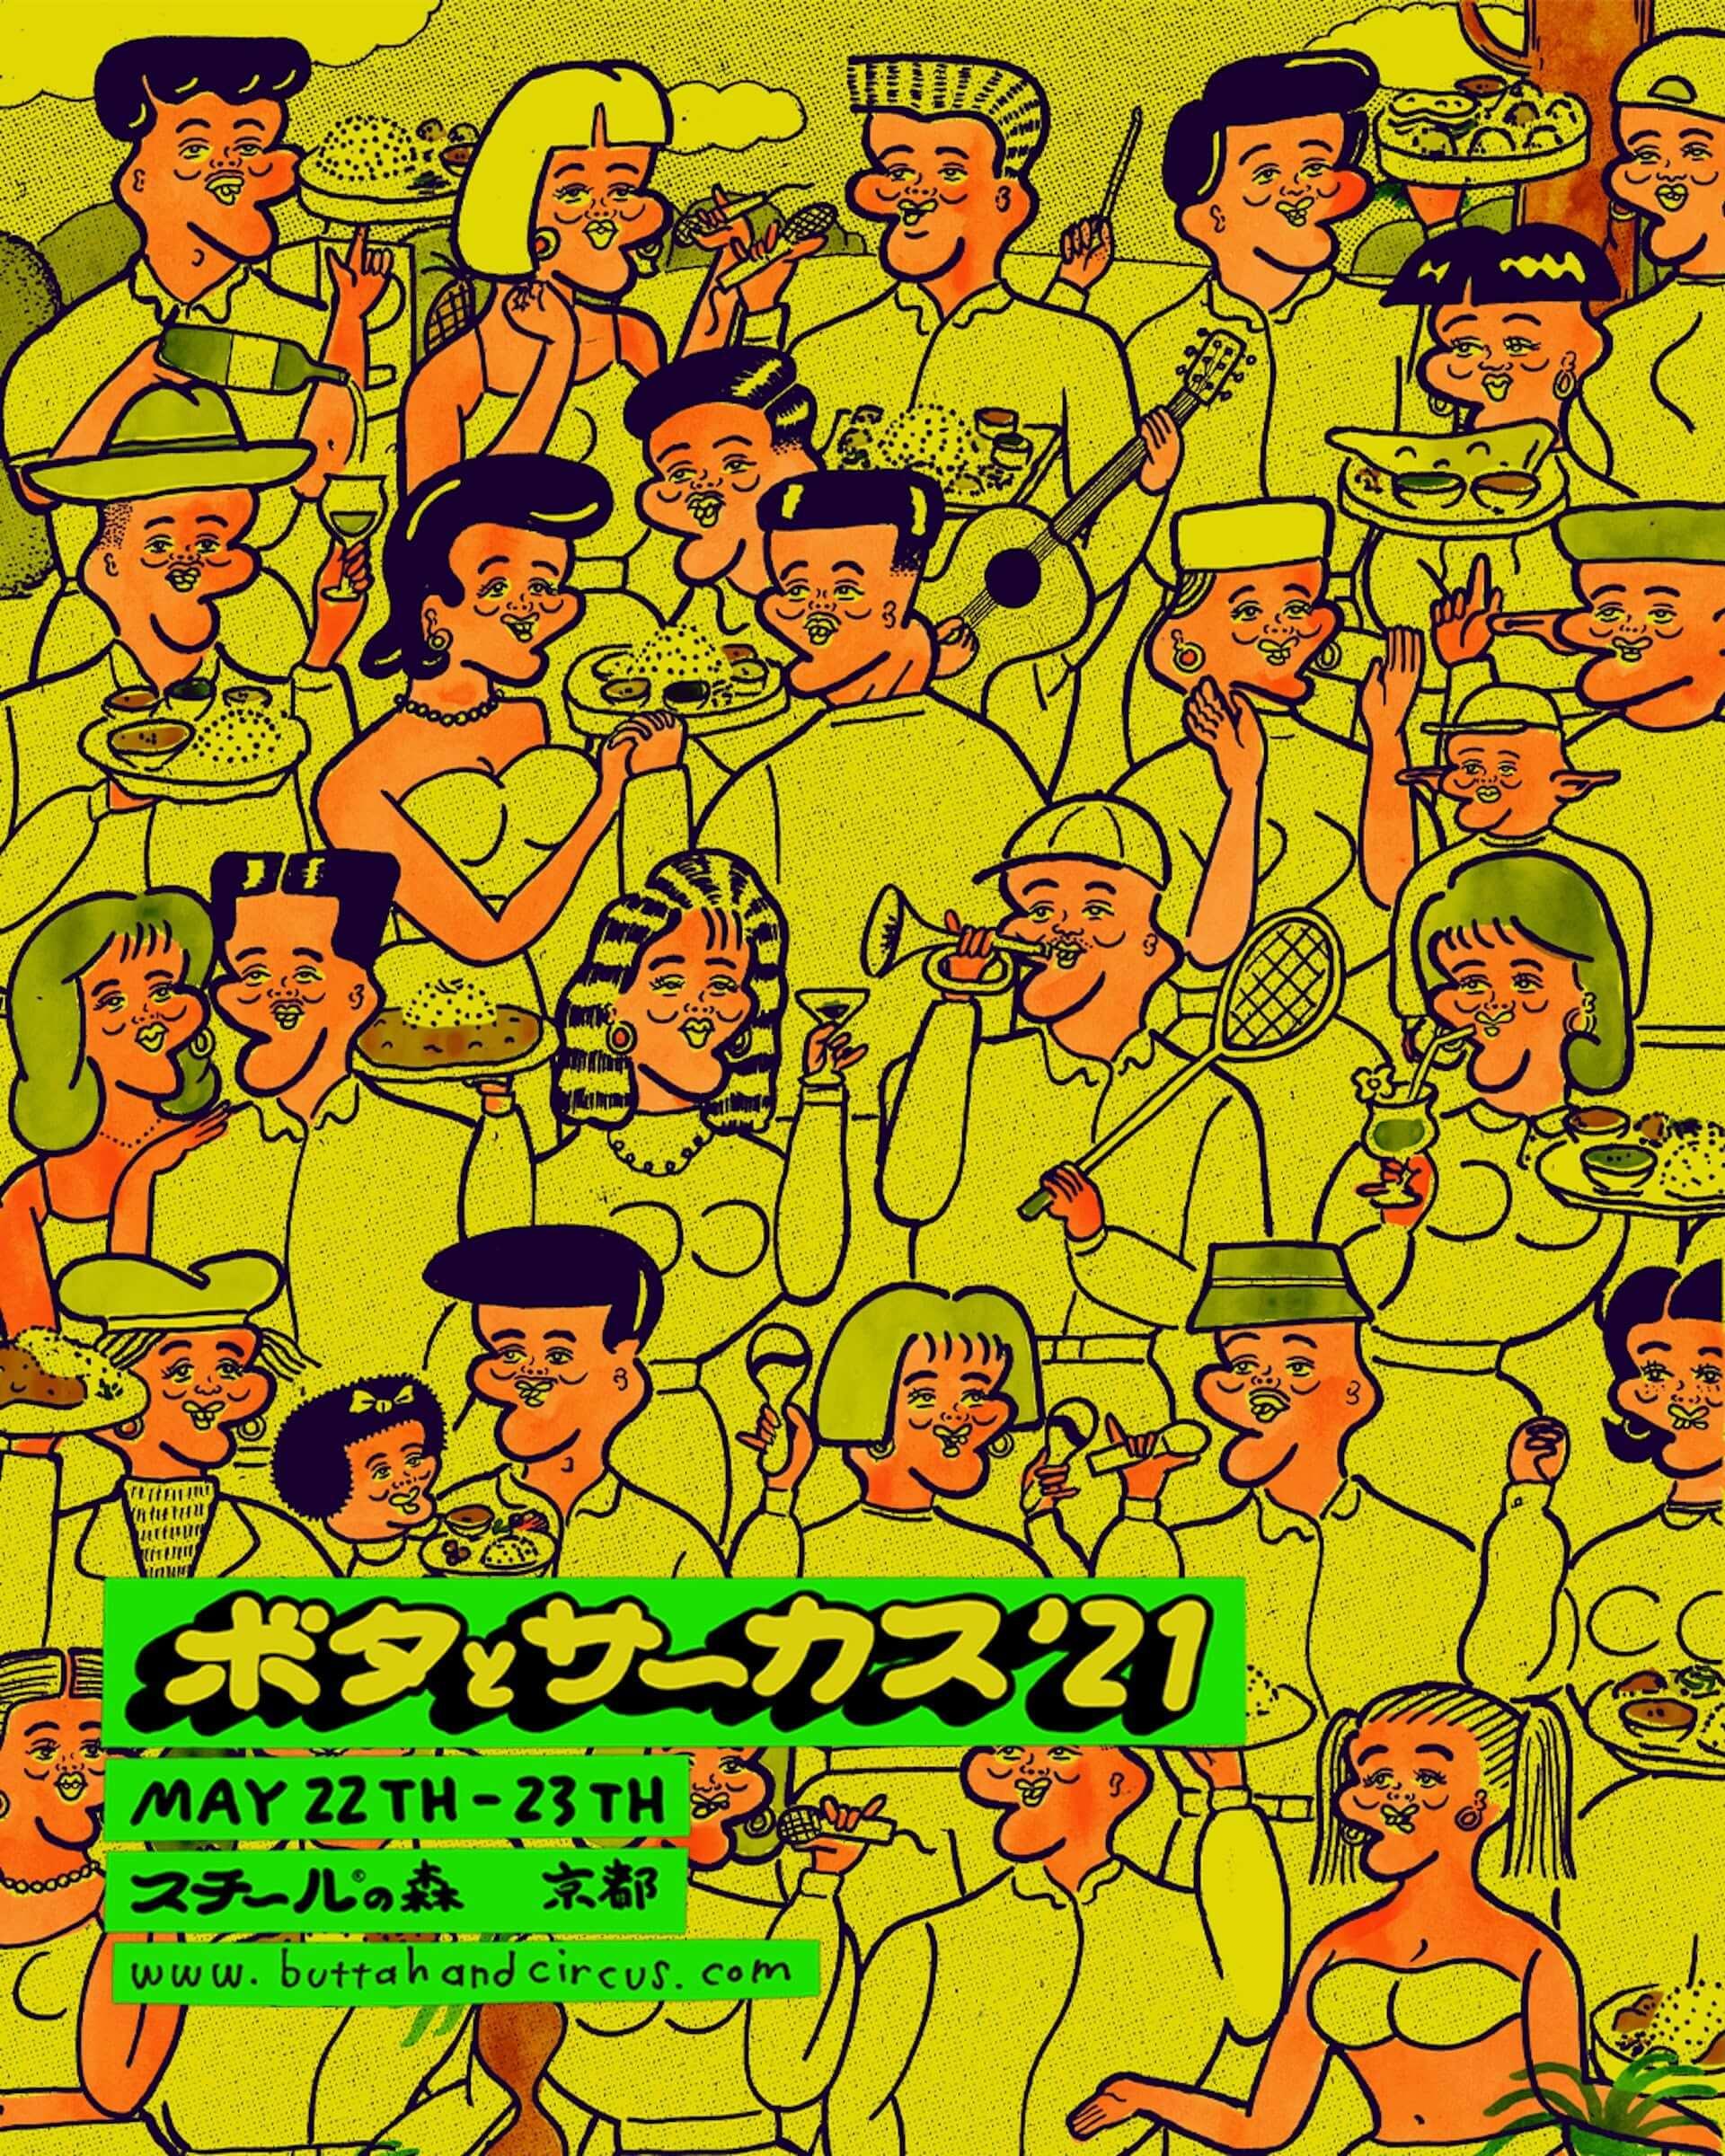 <ボタとサーカス 2021>にスチャダラパー、THA BLUE HERB、TENDRE、環ROY、Daichi Yamamotoら9組が登場!出演者第1弾が解禁 music210303_buttaandcircus_1-1920x2400